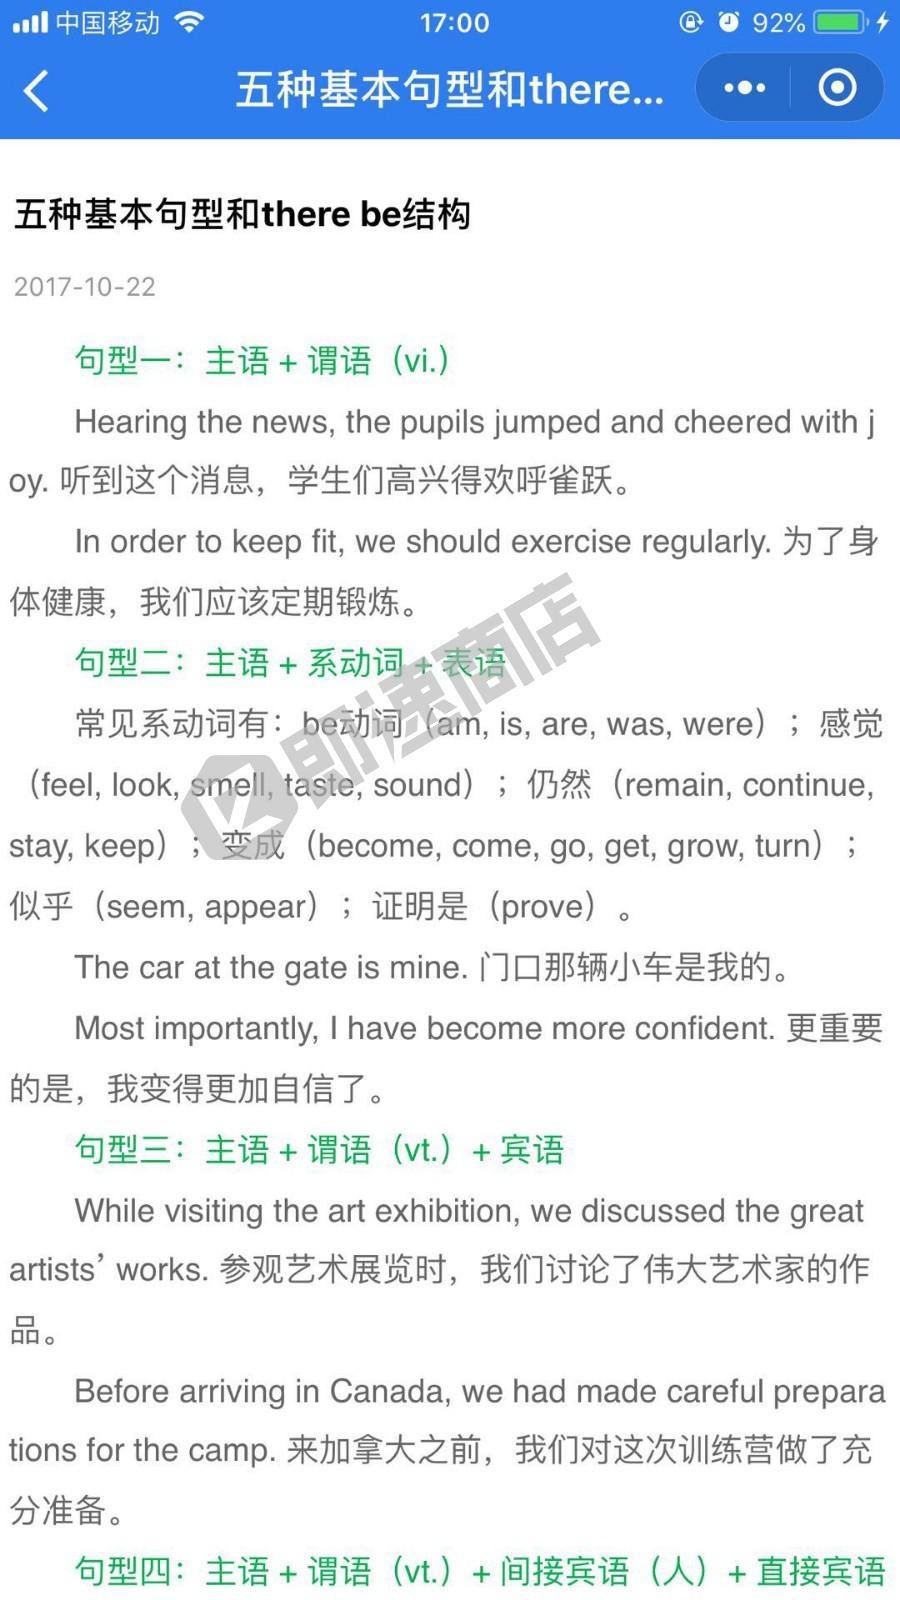 高中英语语法助手小程序首页截图